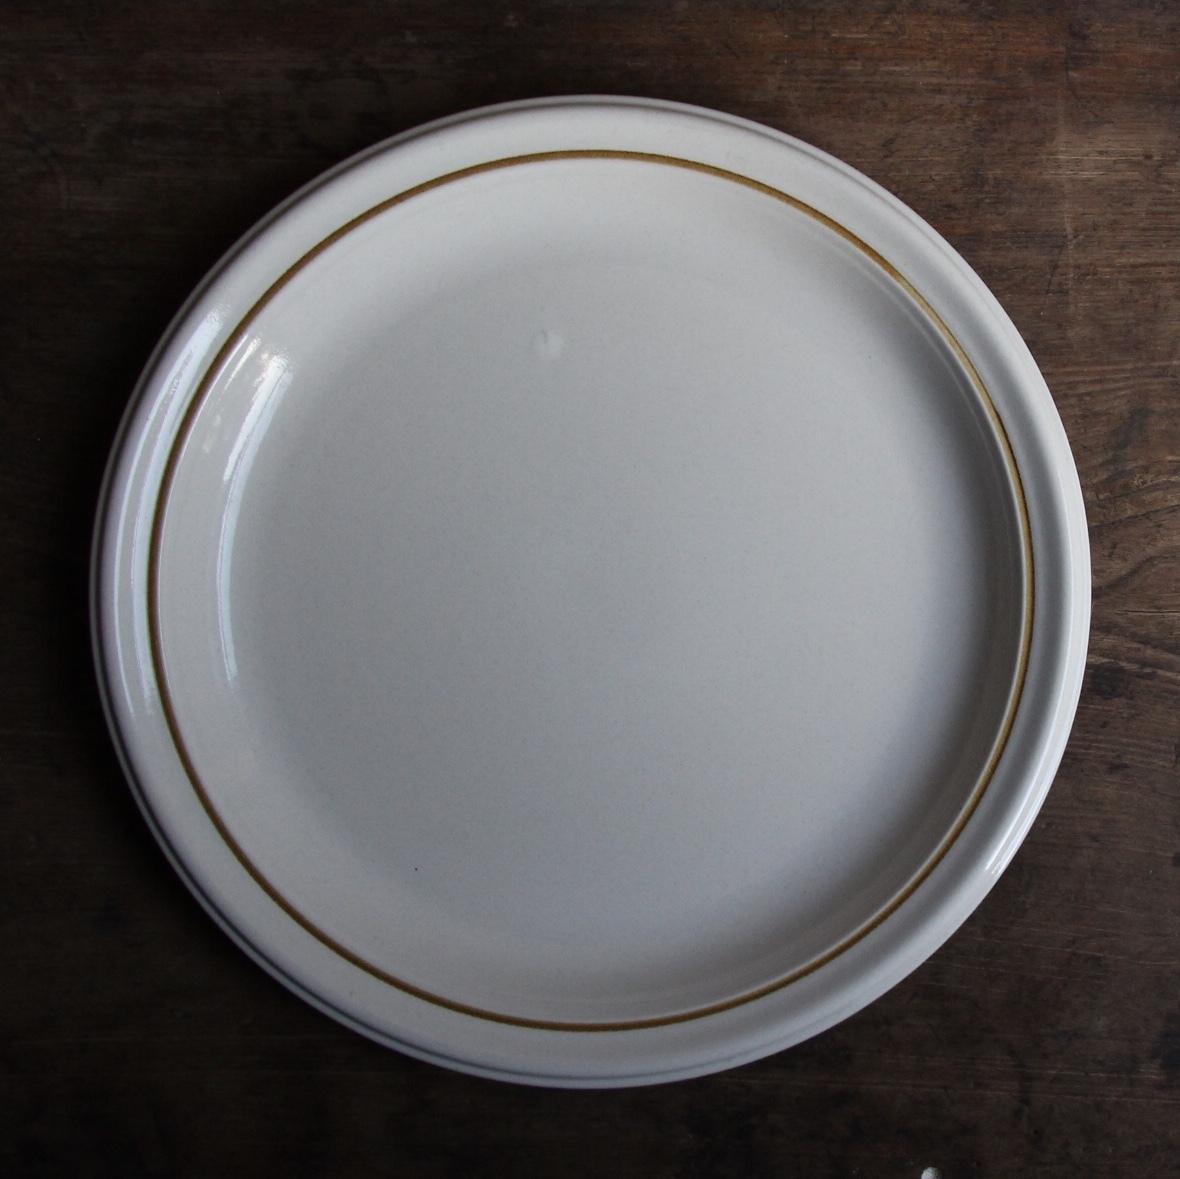 ミカサ ストーンウェア大皿 在庫1枚